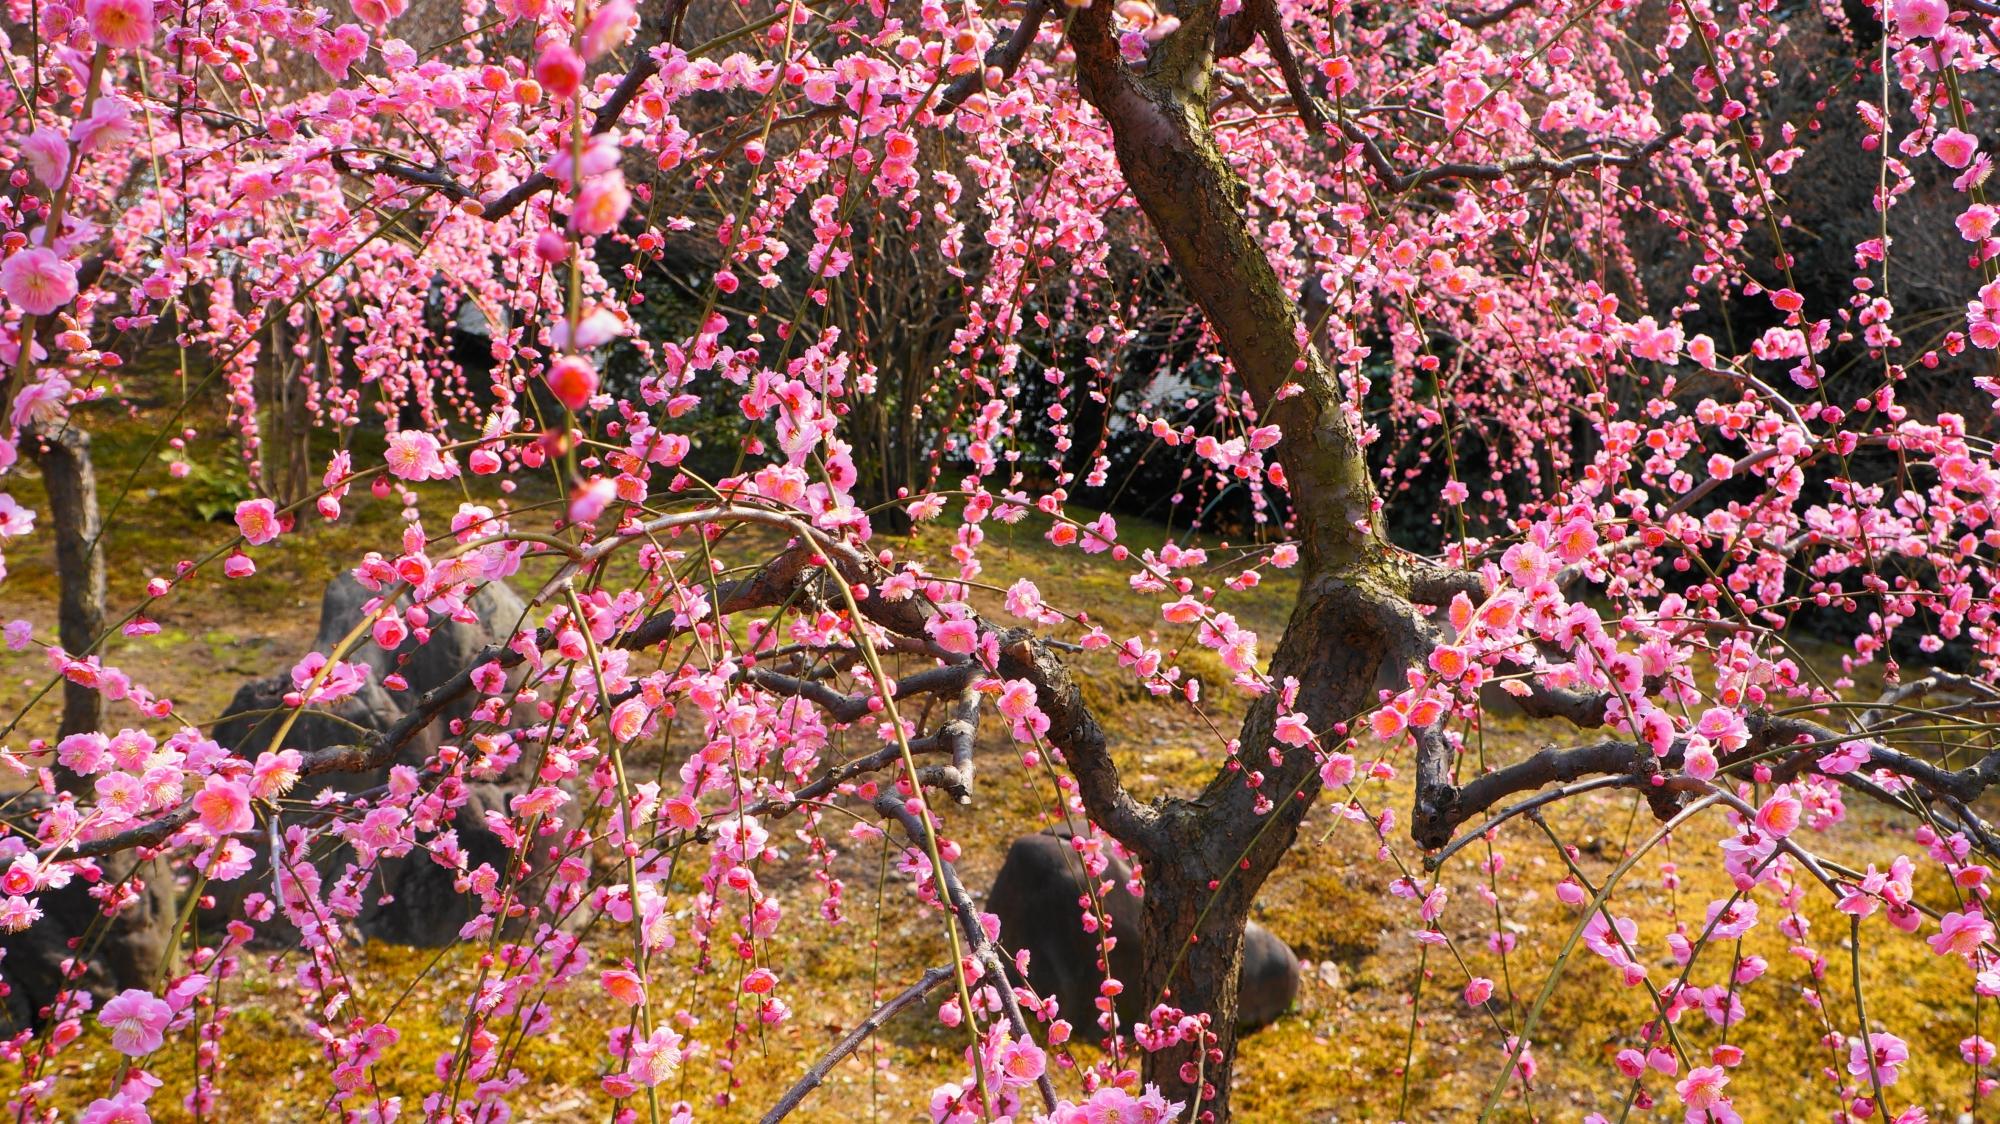 上も下も綺麗な梅の花でいっぱいの城南宮